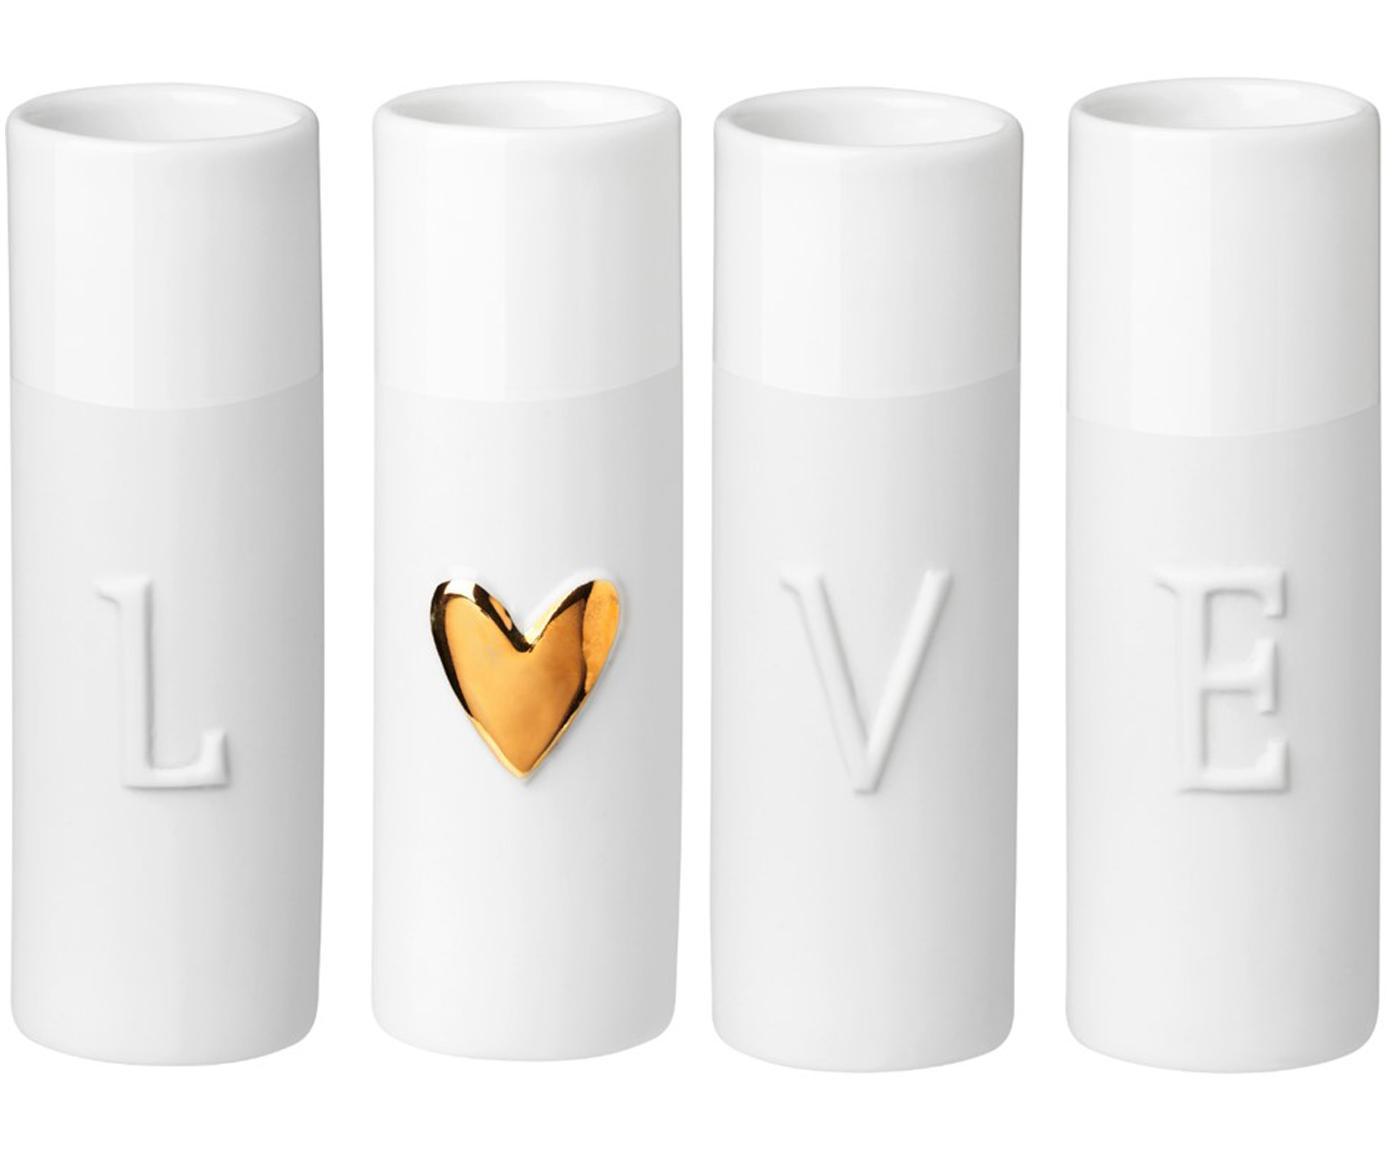 XS Vasen Love aus Porzellan, 4-tlg., Porzellan, Vasen: WeißHerz-Relief: Goldfarben, Ø 3 x H 9 cm